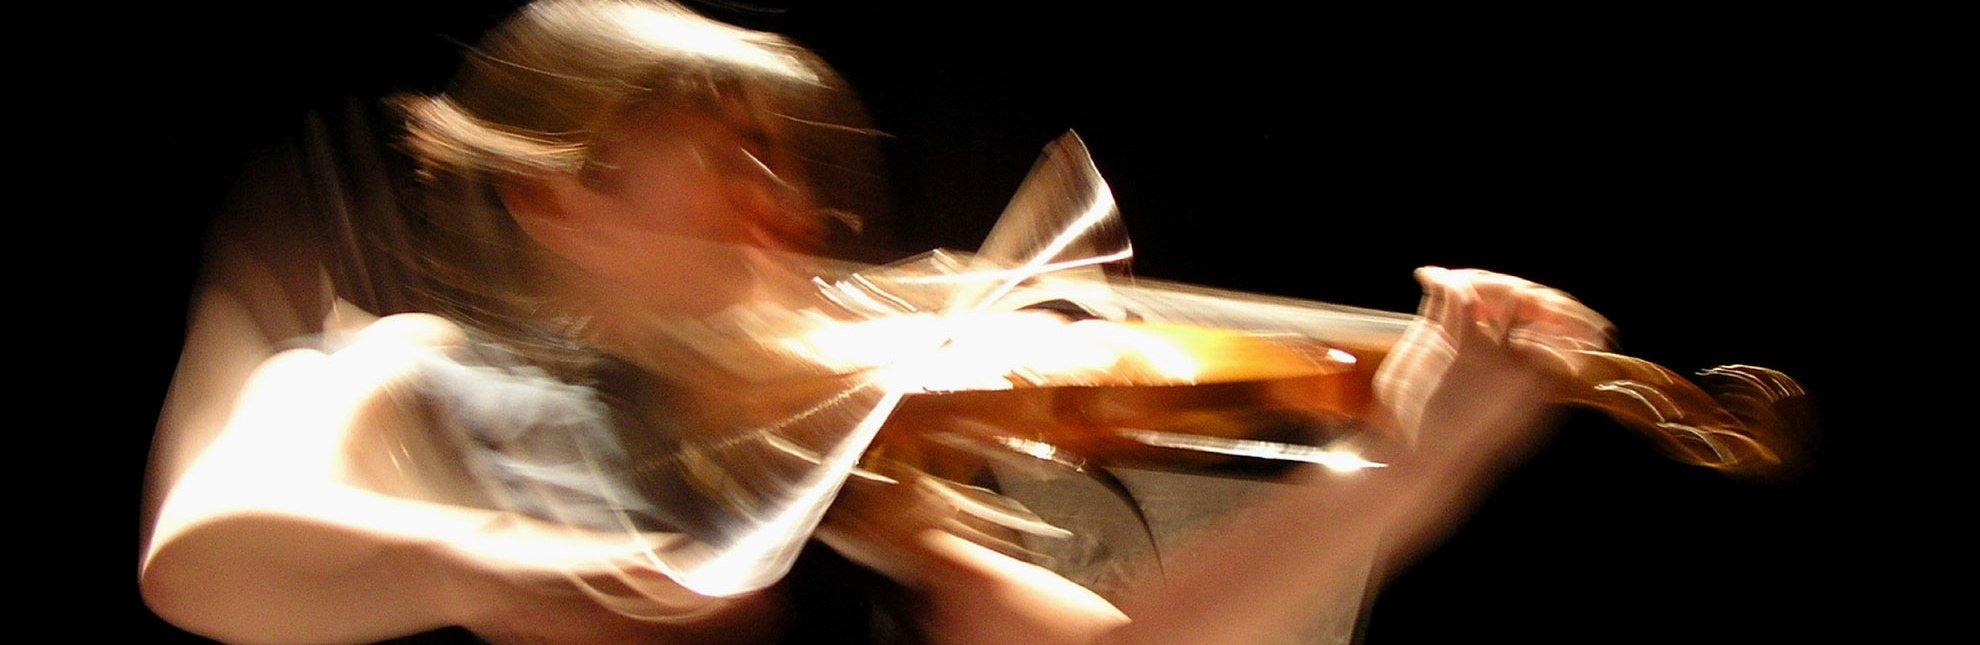 Konzertveranstaltung im Kleinen Theater Schillerstrasse in Geesthacht, © Gregor Bator